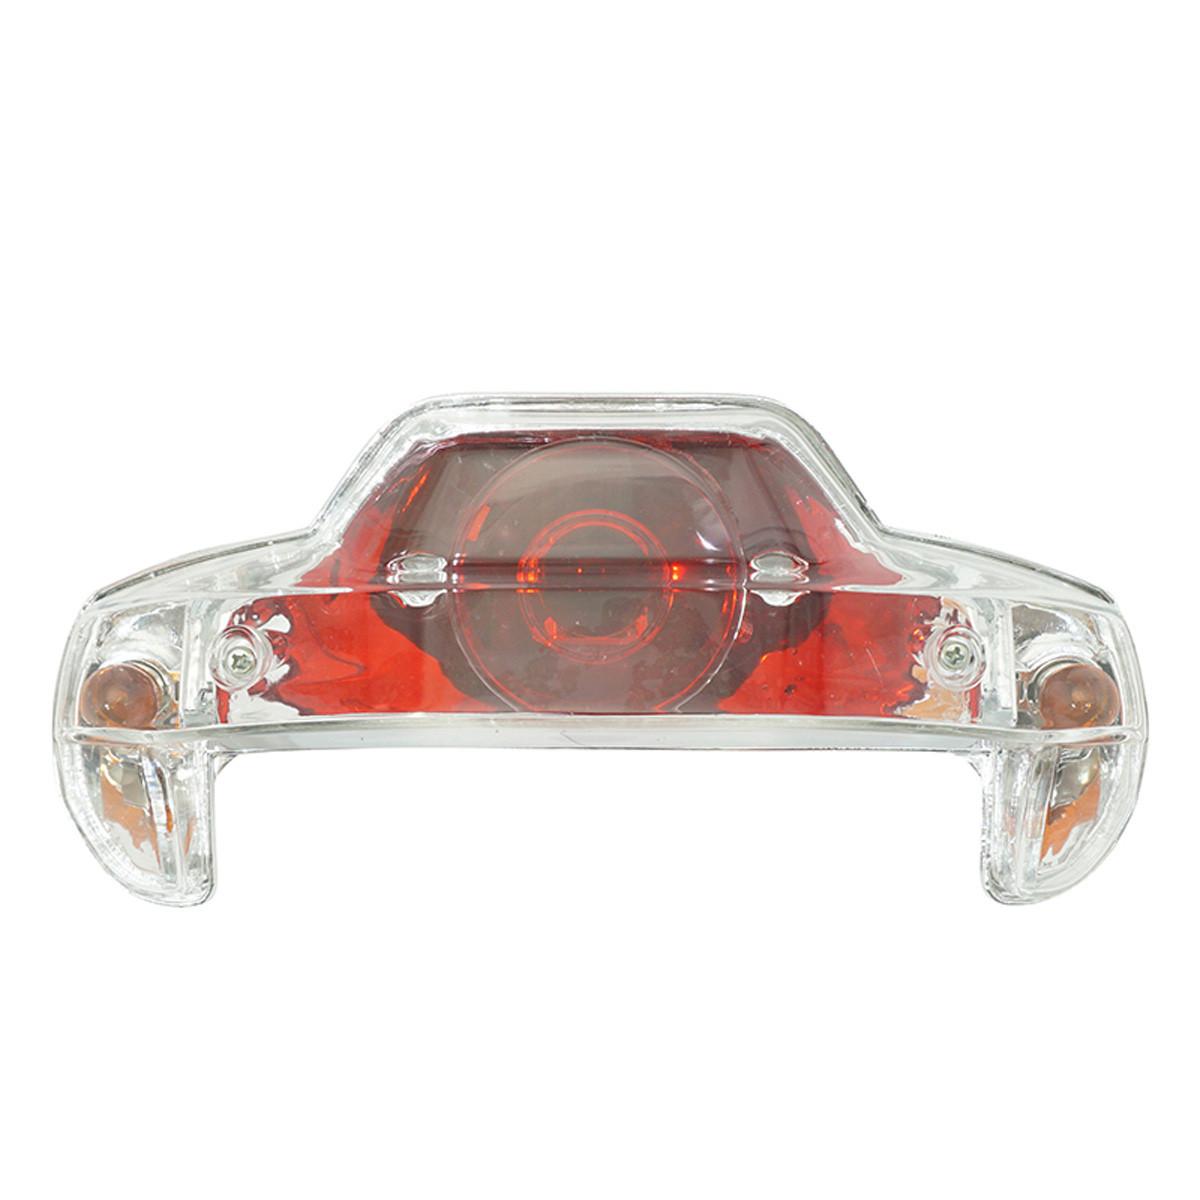 Feu arrière MBK Booster YAMAHA Bw's de 1999 à 2003 - Lexus CE